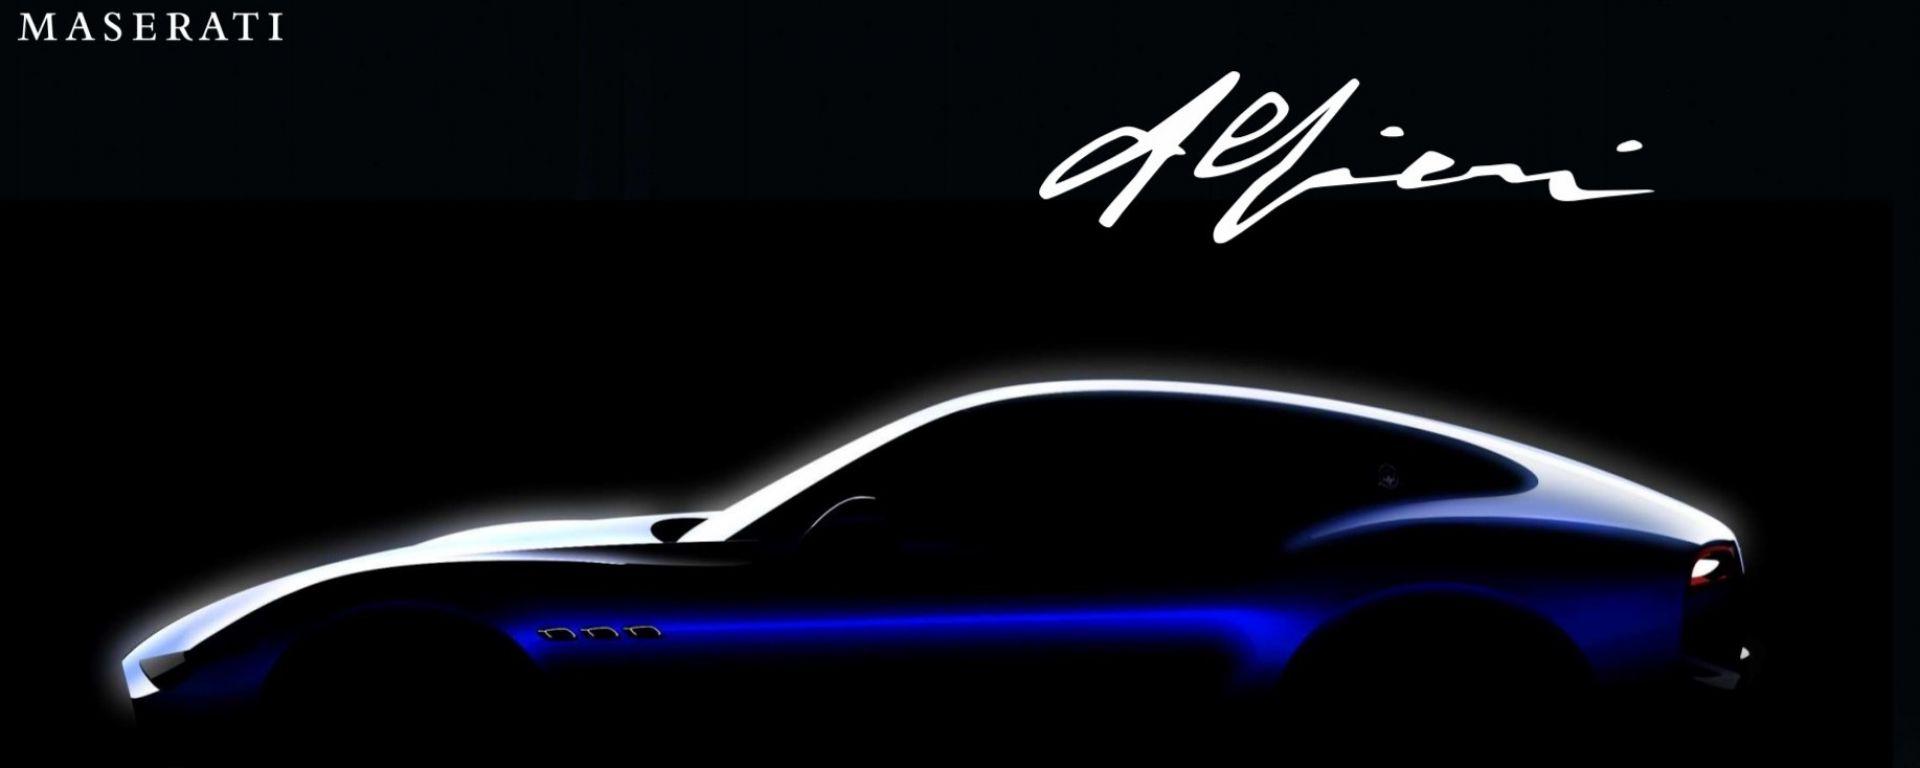 La Alfieri sarà il primo modelli ibrido e elettrico di Maserati